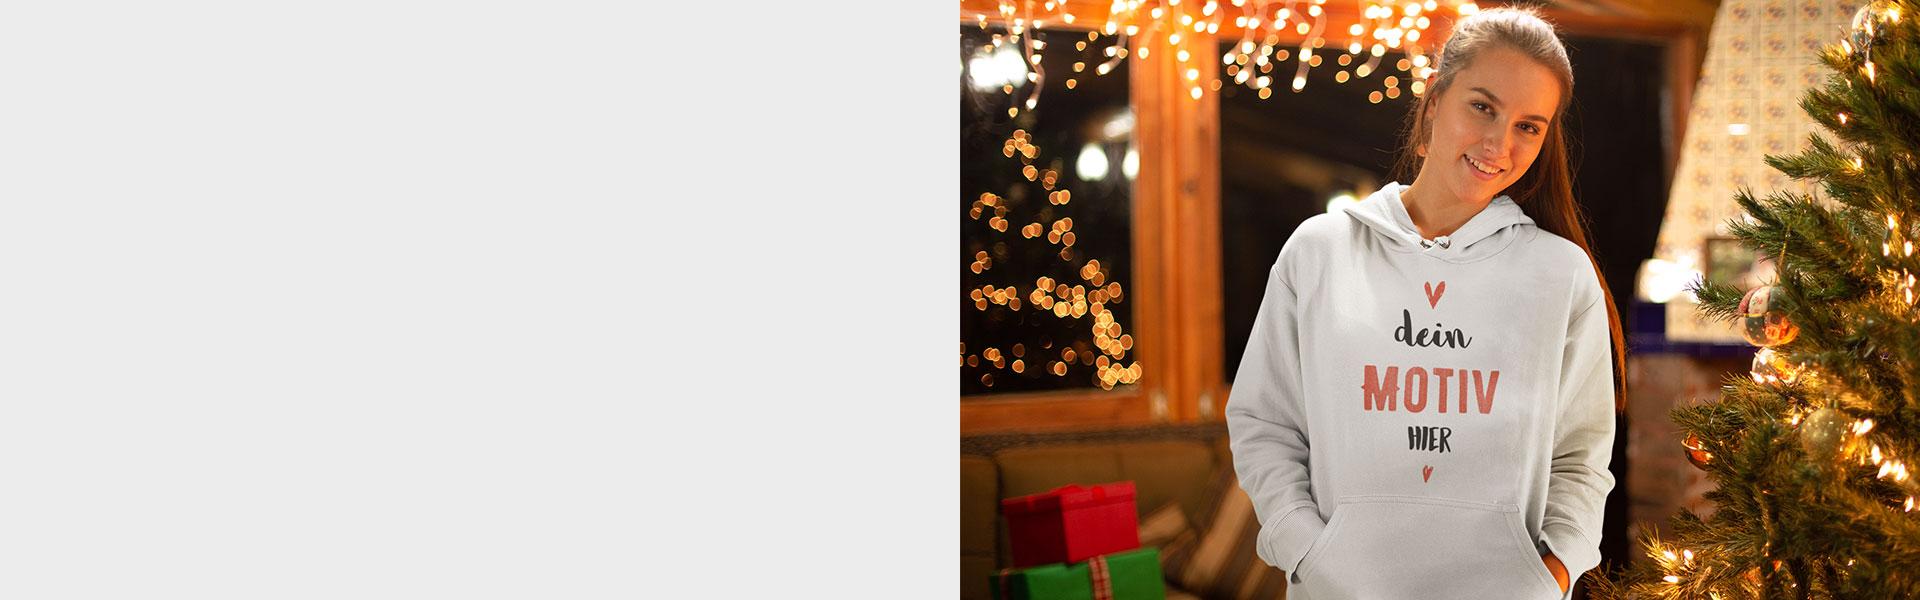 Pullover selbst gestalten als Weihnachtsgeschenk